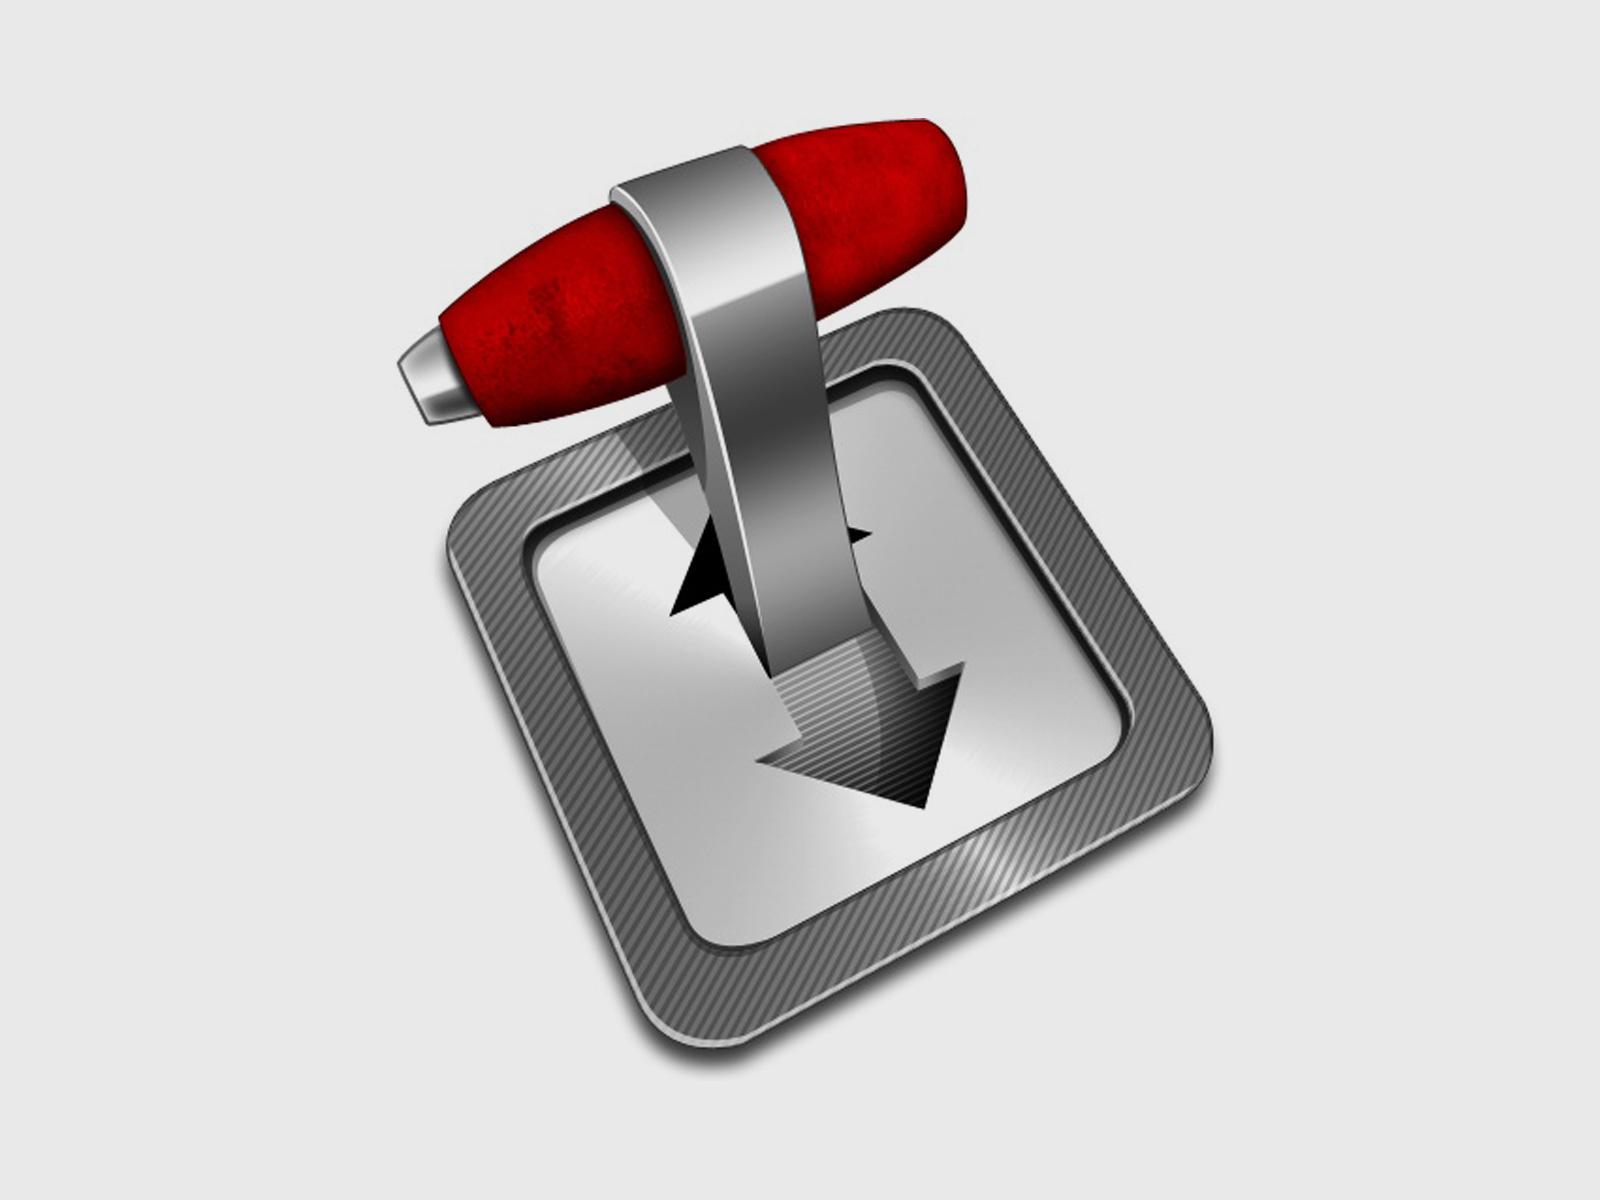 downloading torrents on macbook